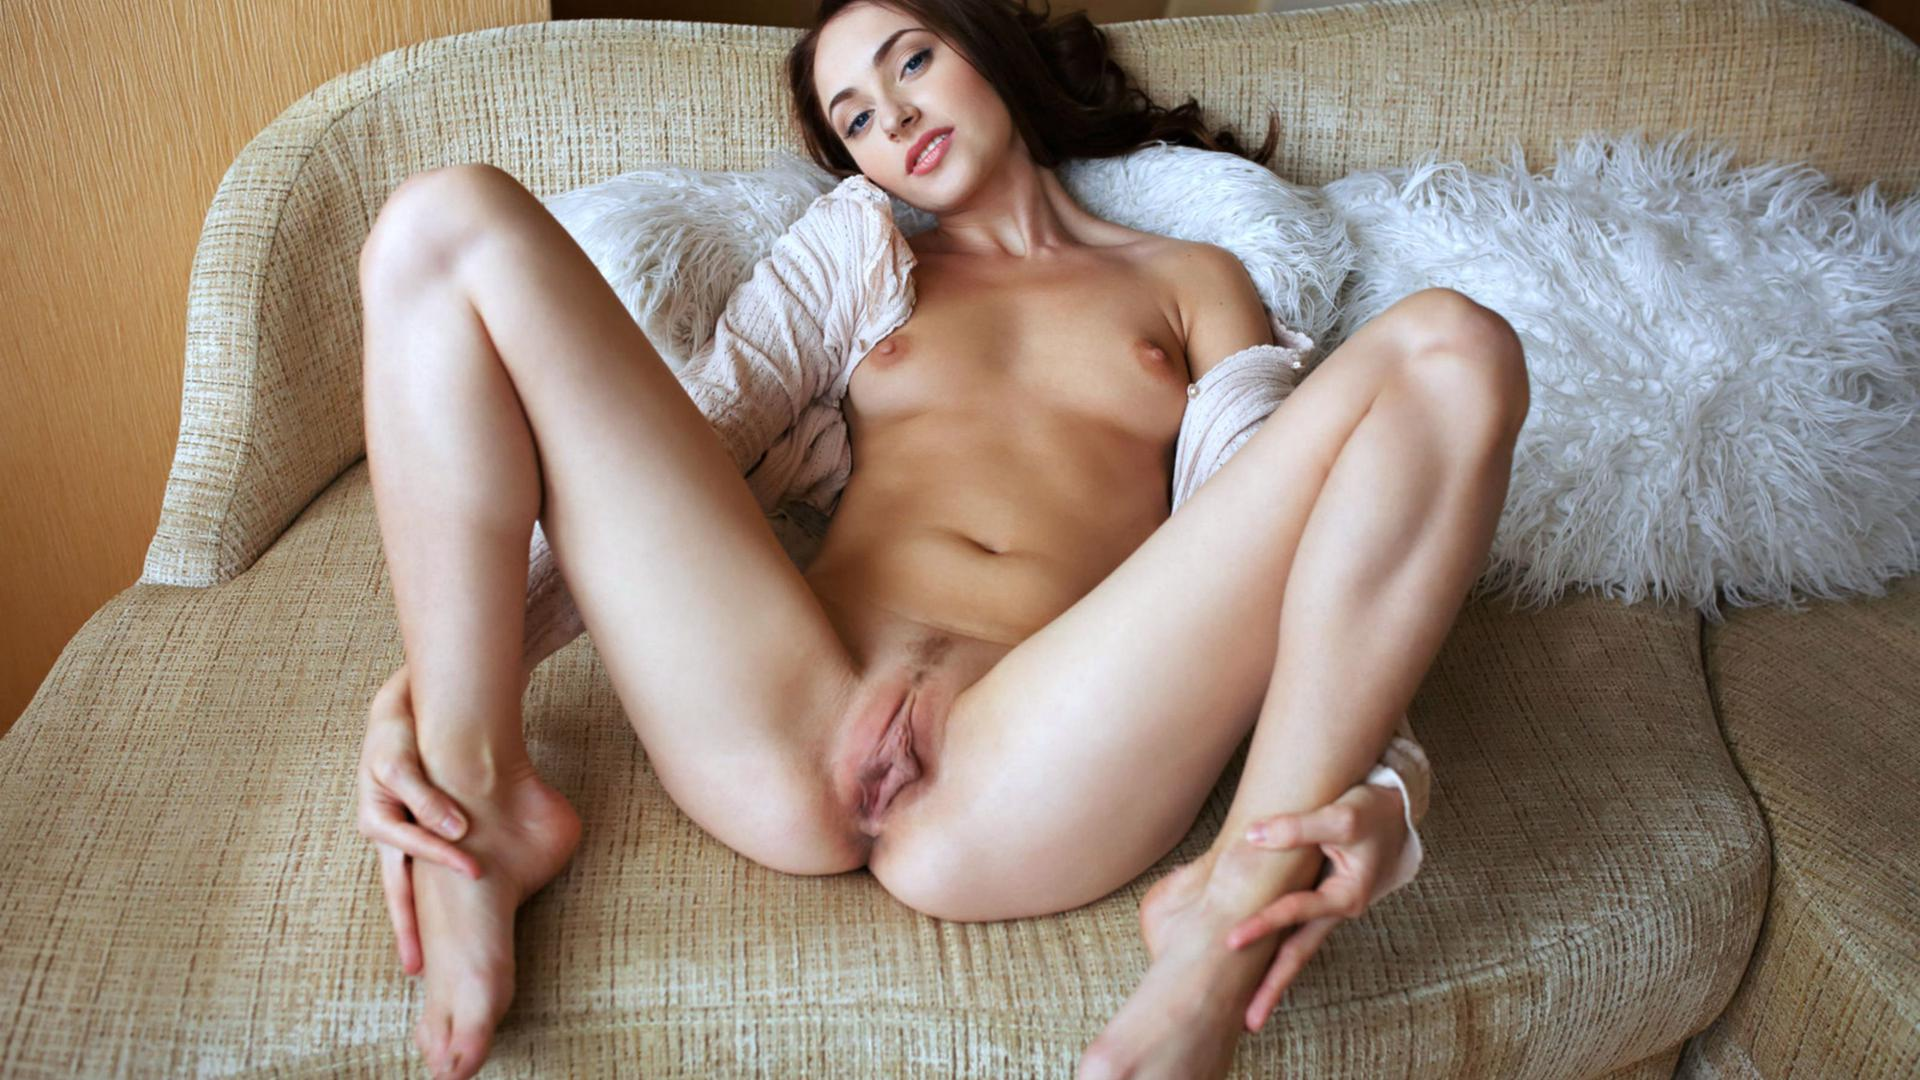 дамское бельё порно с большими половыми губами hd